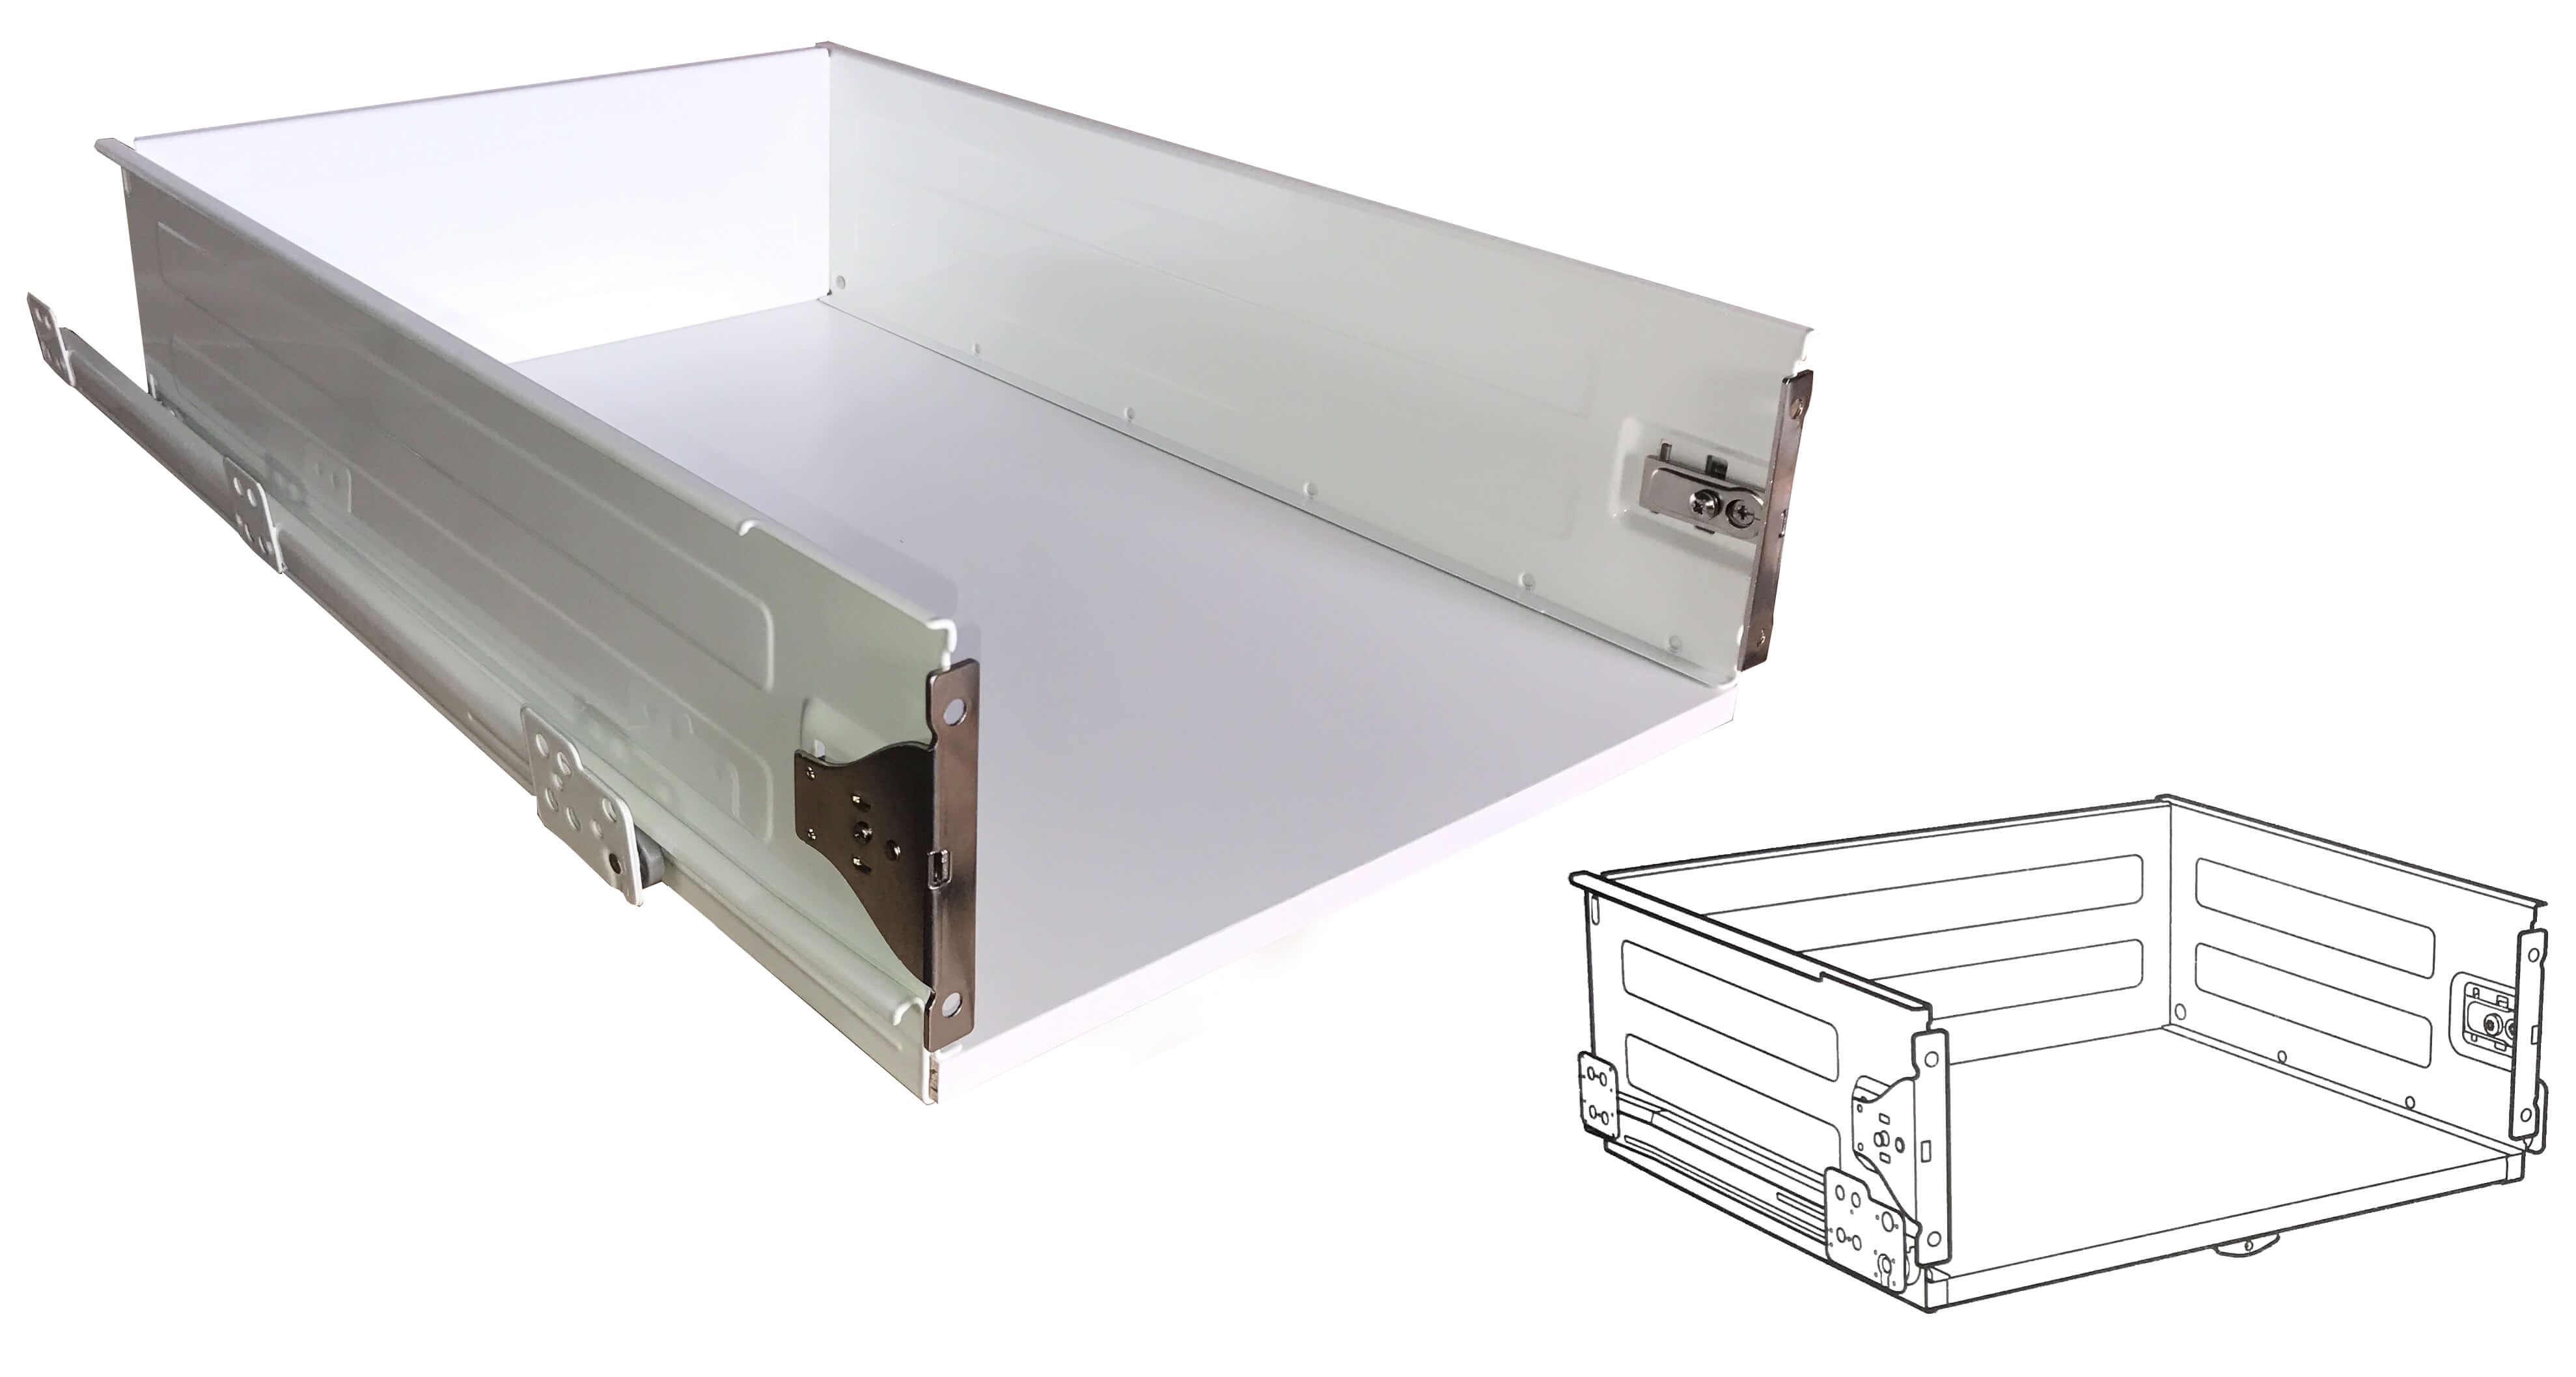 Ikea kuchen metod masse for Kuchenmontage ikea